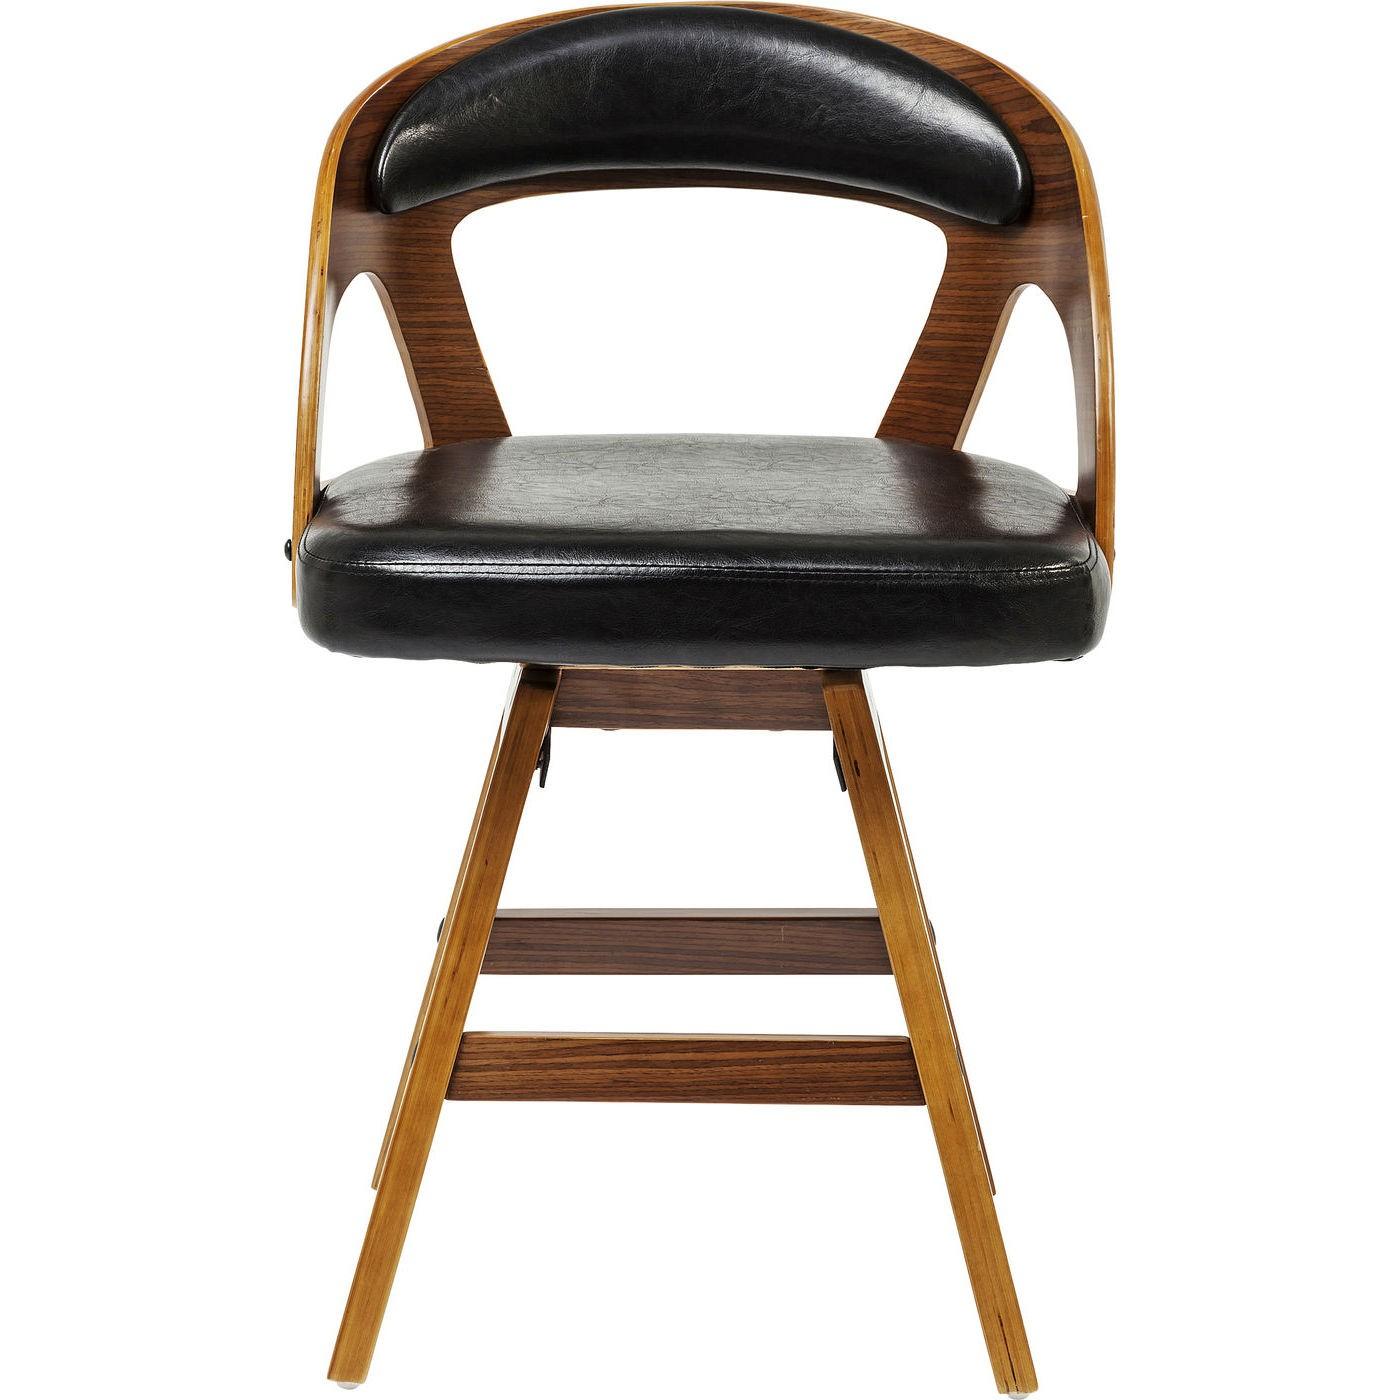 kare design Kare design manhattan stol - valnød laminat og sort læder pu/stof fra boboonline.dk